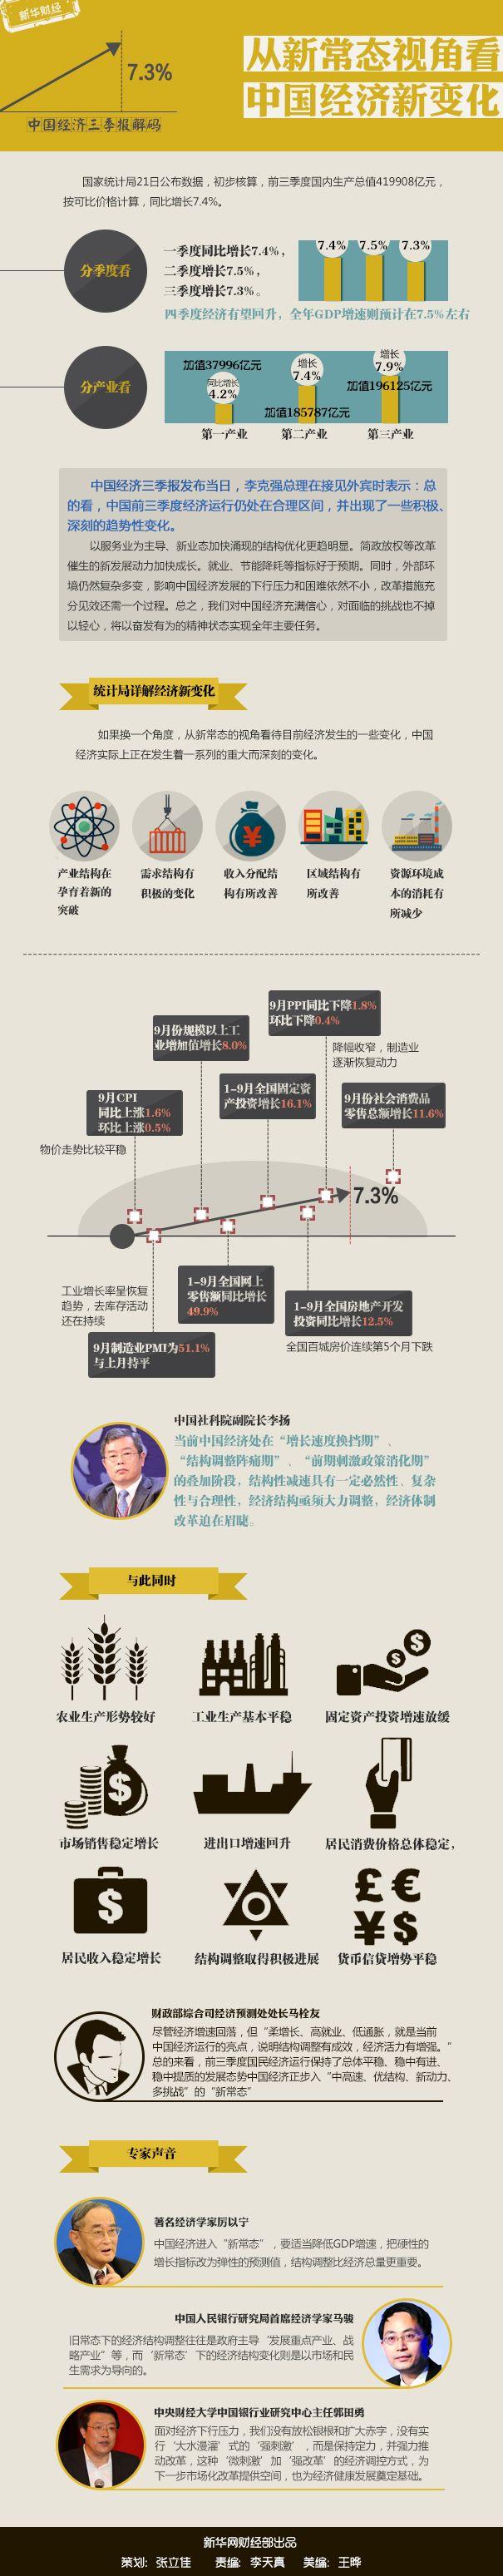 三季报解码――从新常态视角看中国经济新变化